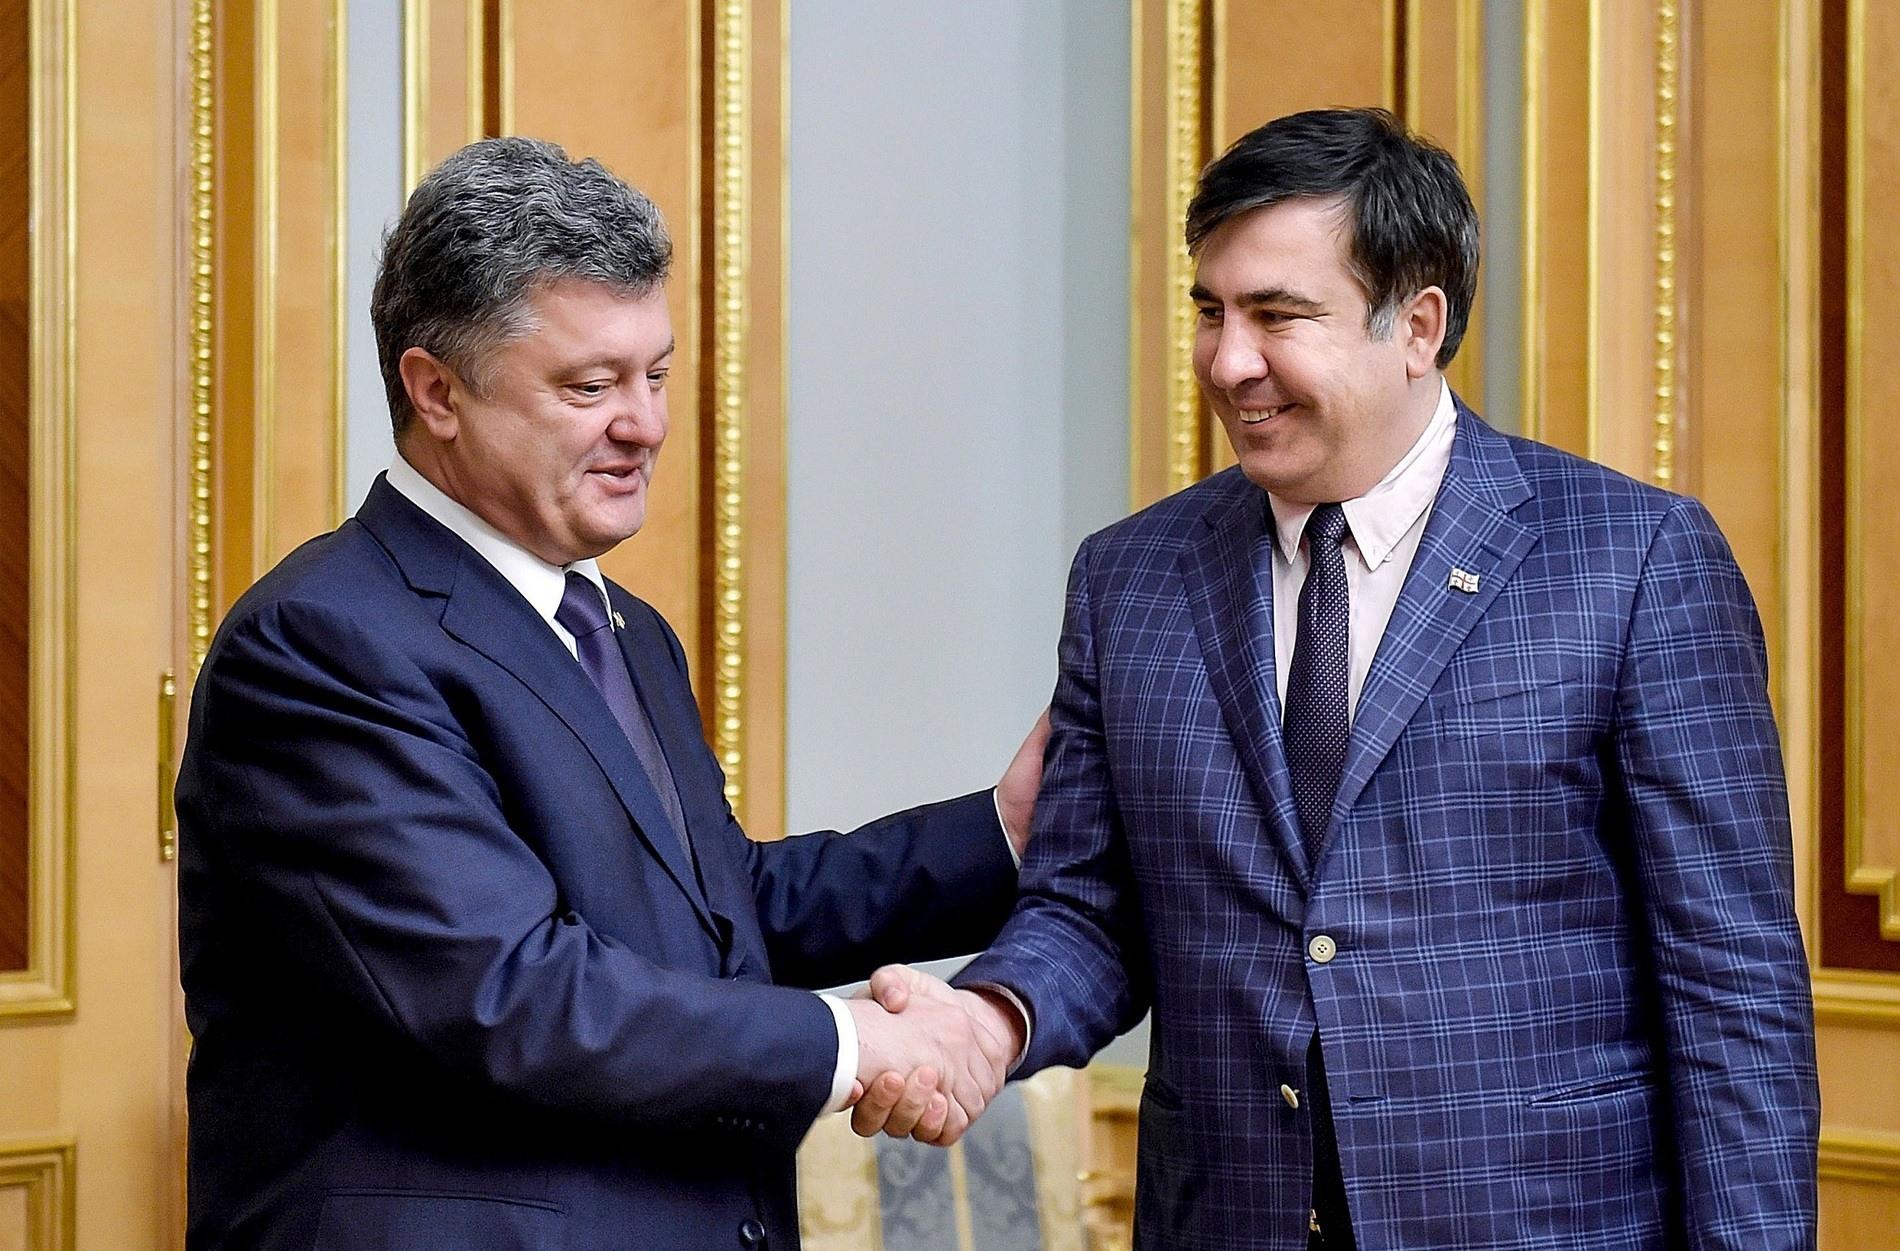 Саакашвили пожаловался в прокуратуру на Порошенко